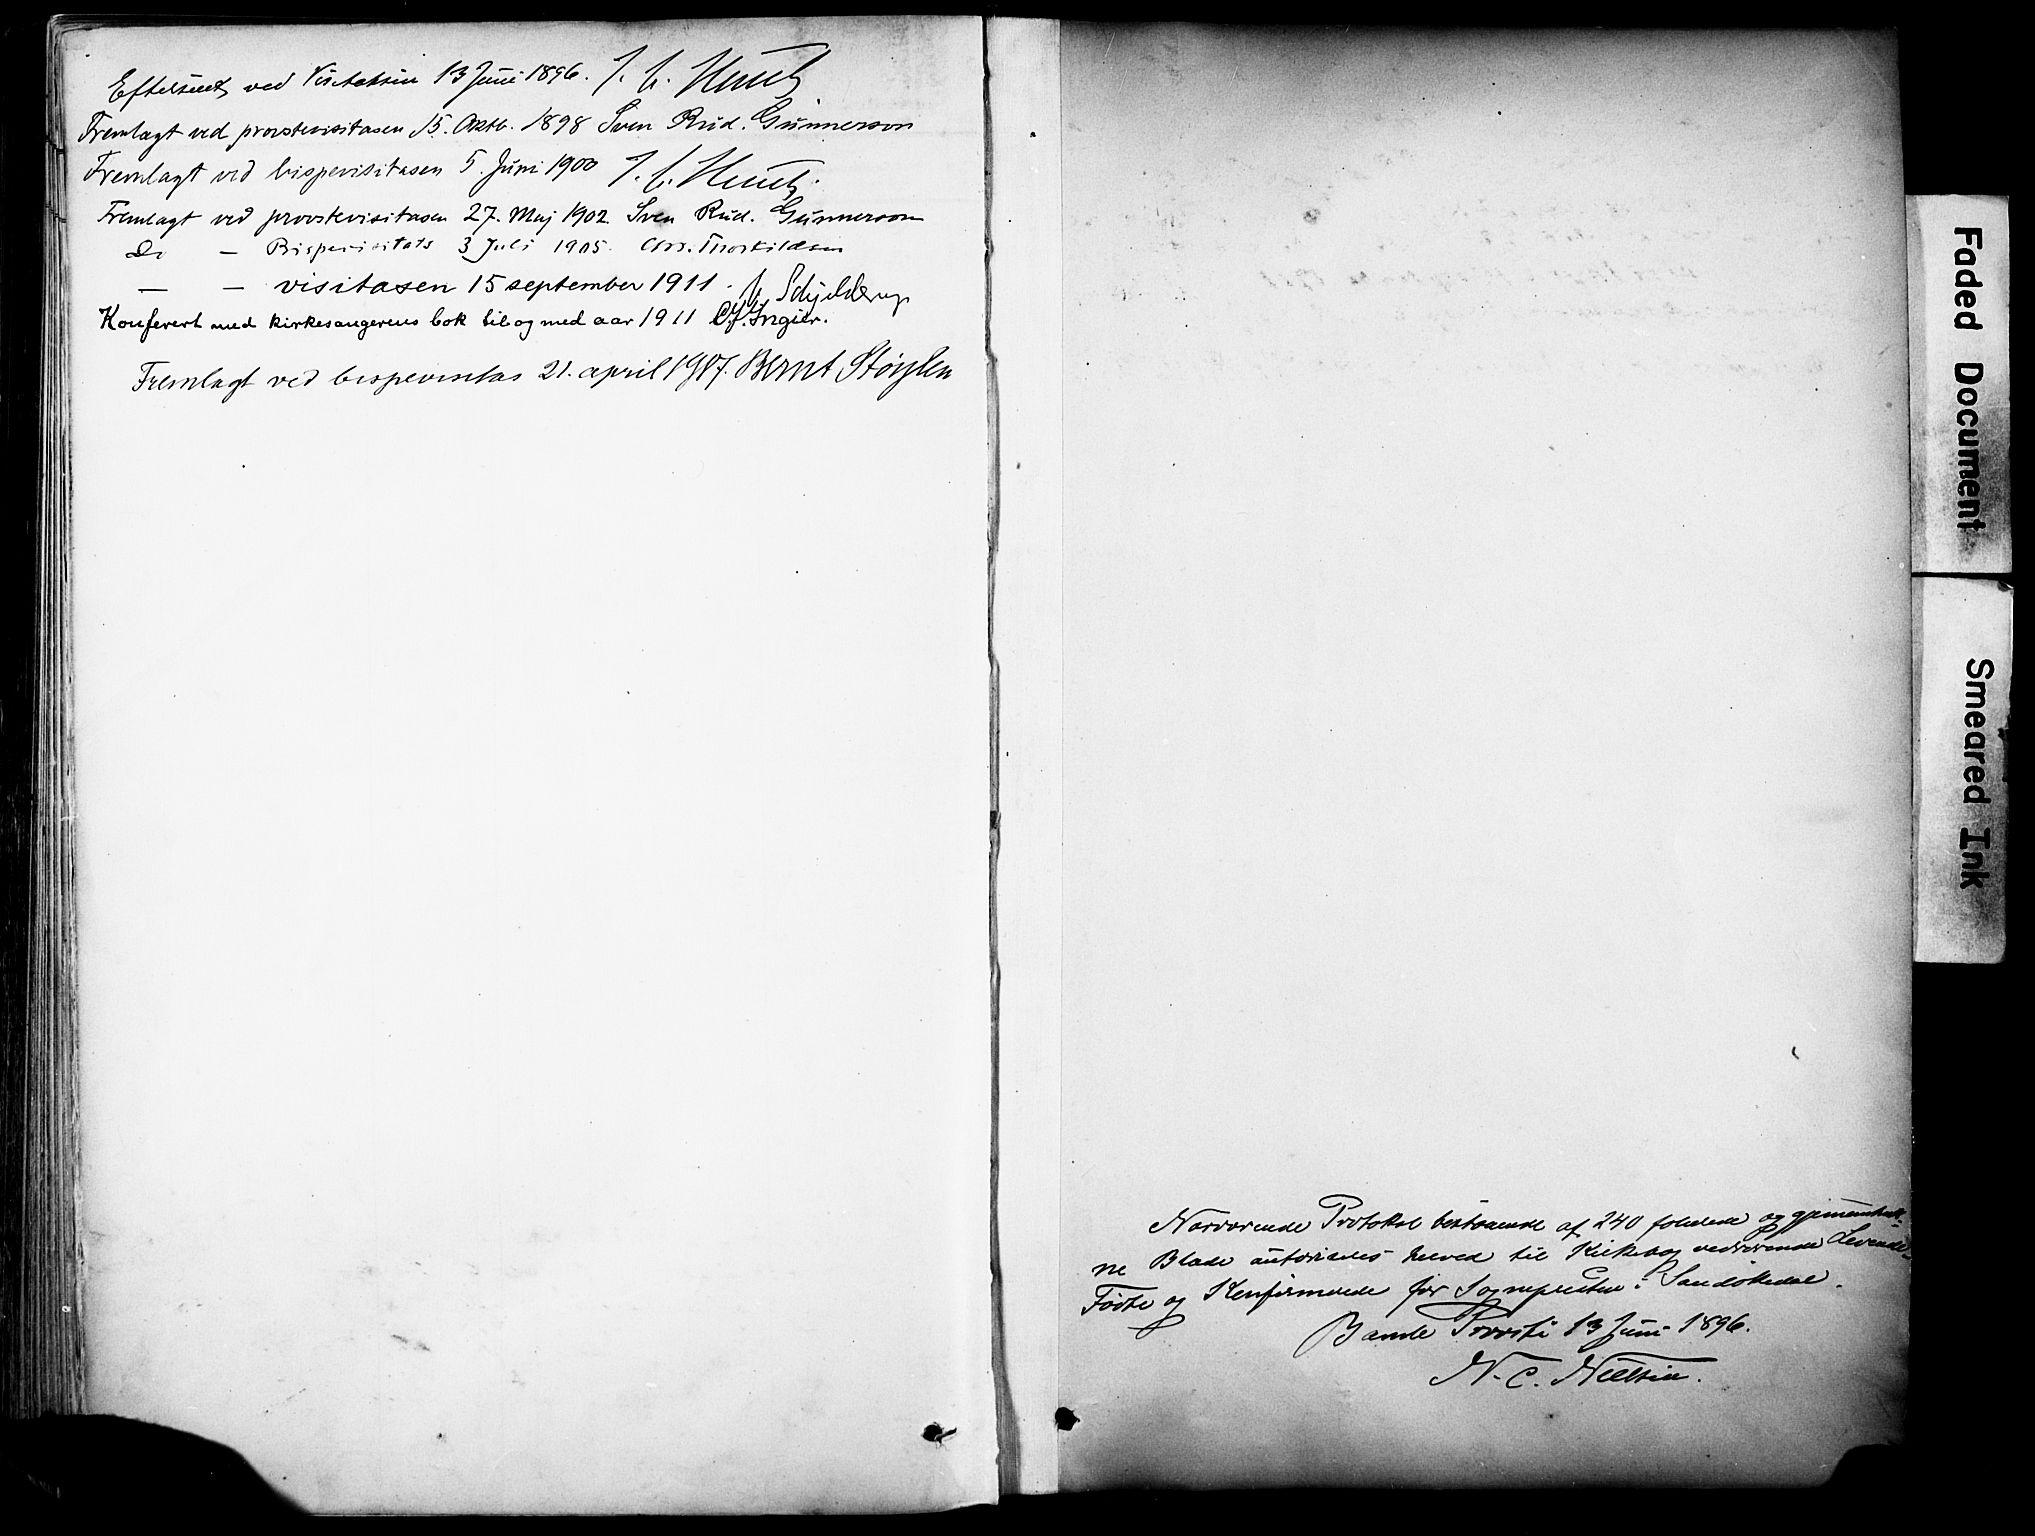 SAKO, Sannidal kirkebøker, F/Fa/L0016: Ministerialbok nr. 16, 1895-1911